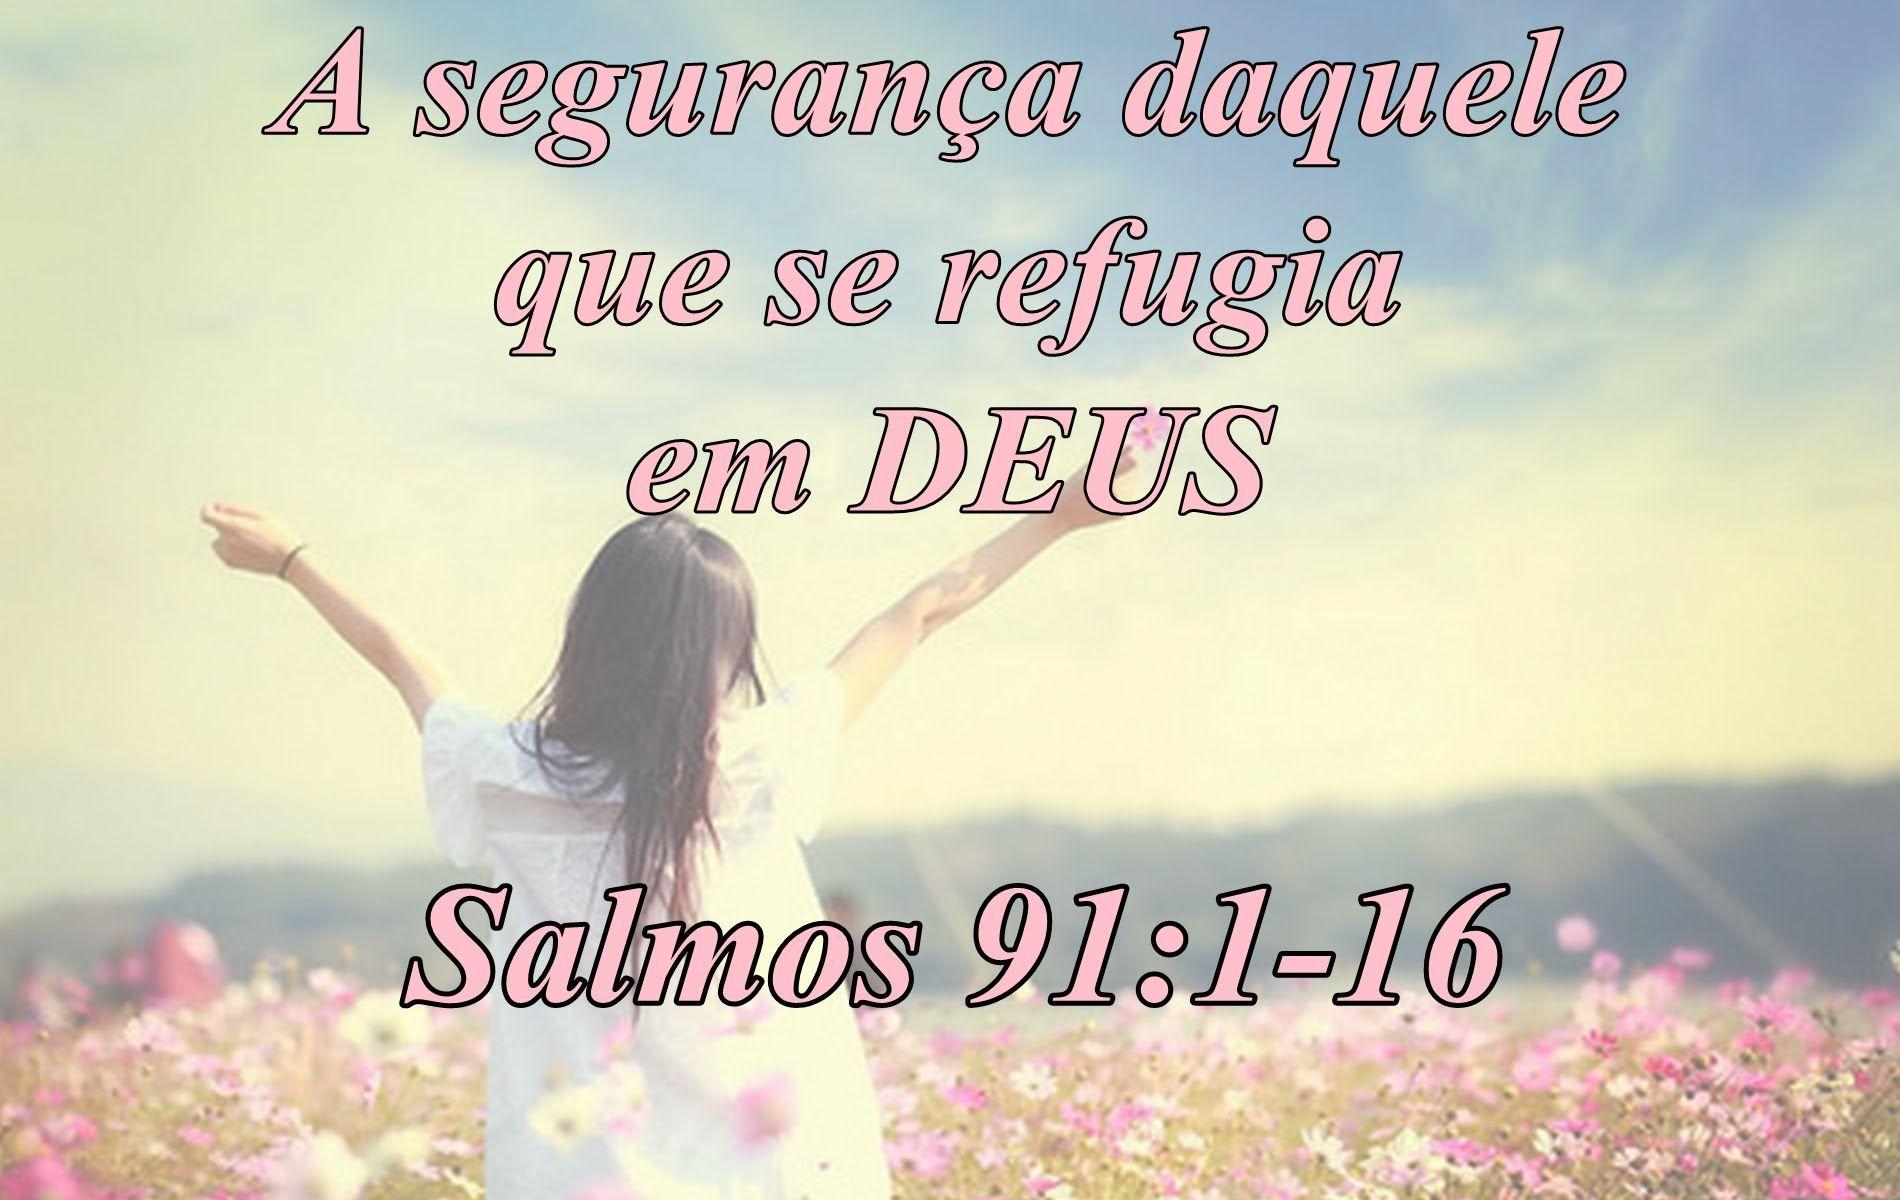 Salmo 91  - A segurança daquele que se refugia em Deus